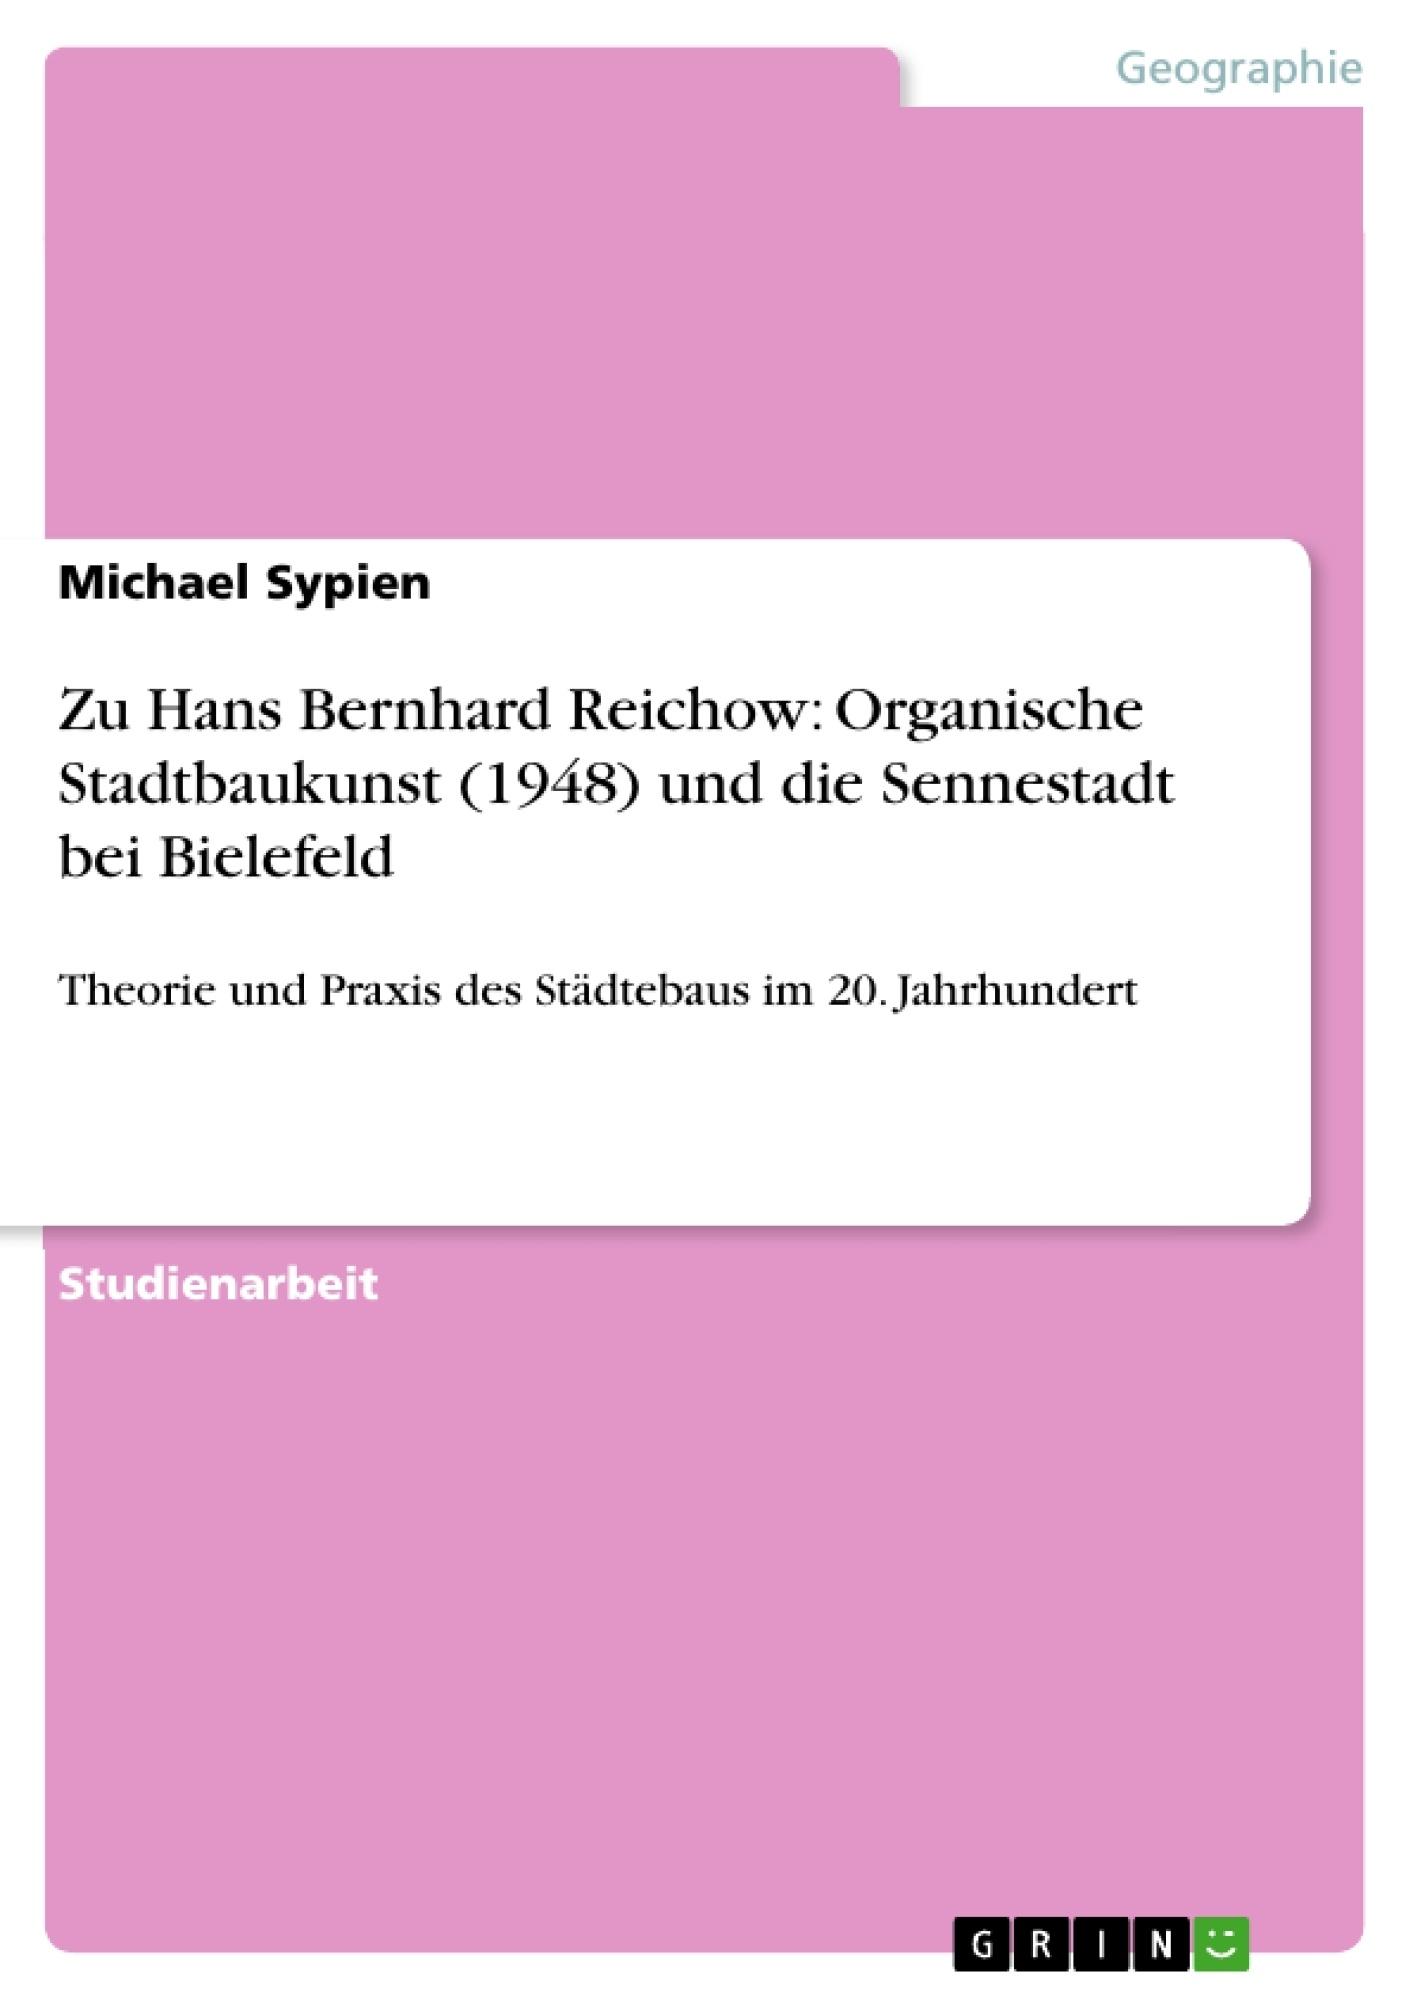 Titel: Zu Hans Bernhard Reichow: Organische Stadtbaukunst (1948) und die Sennestadt bei Bielefeld